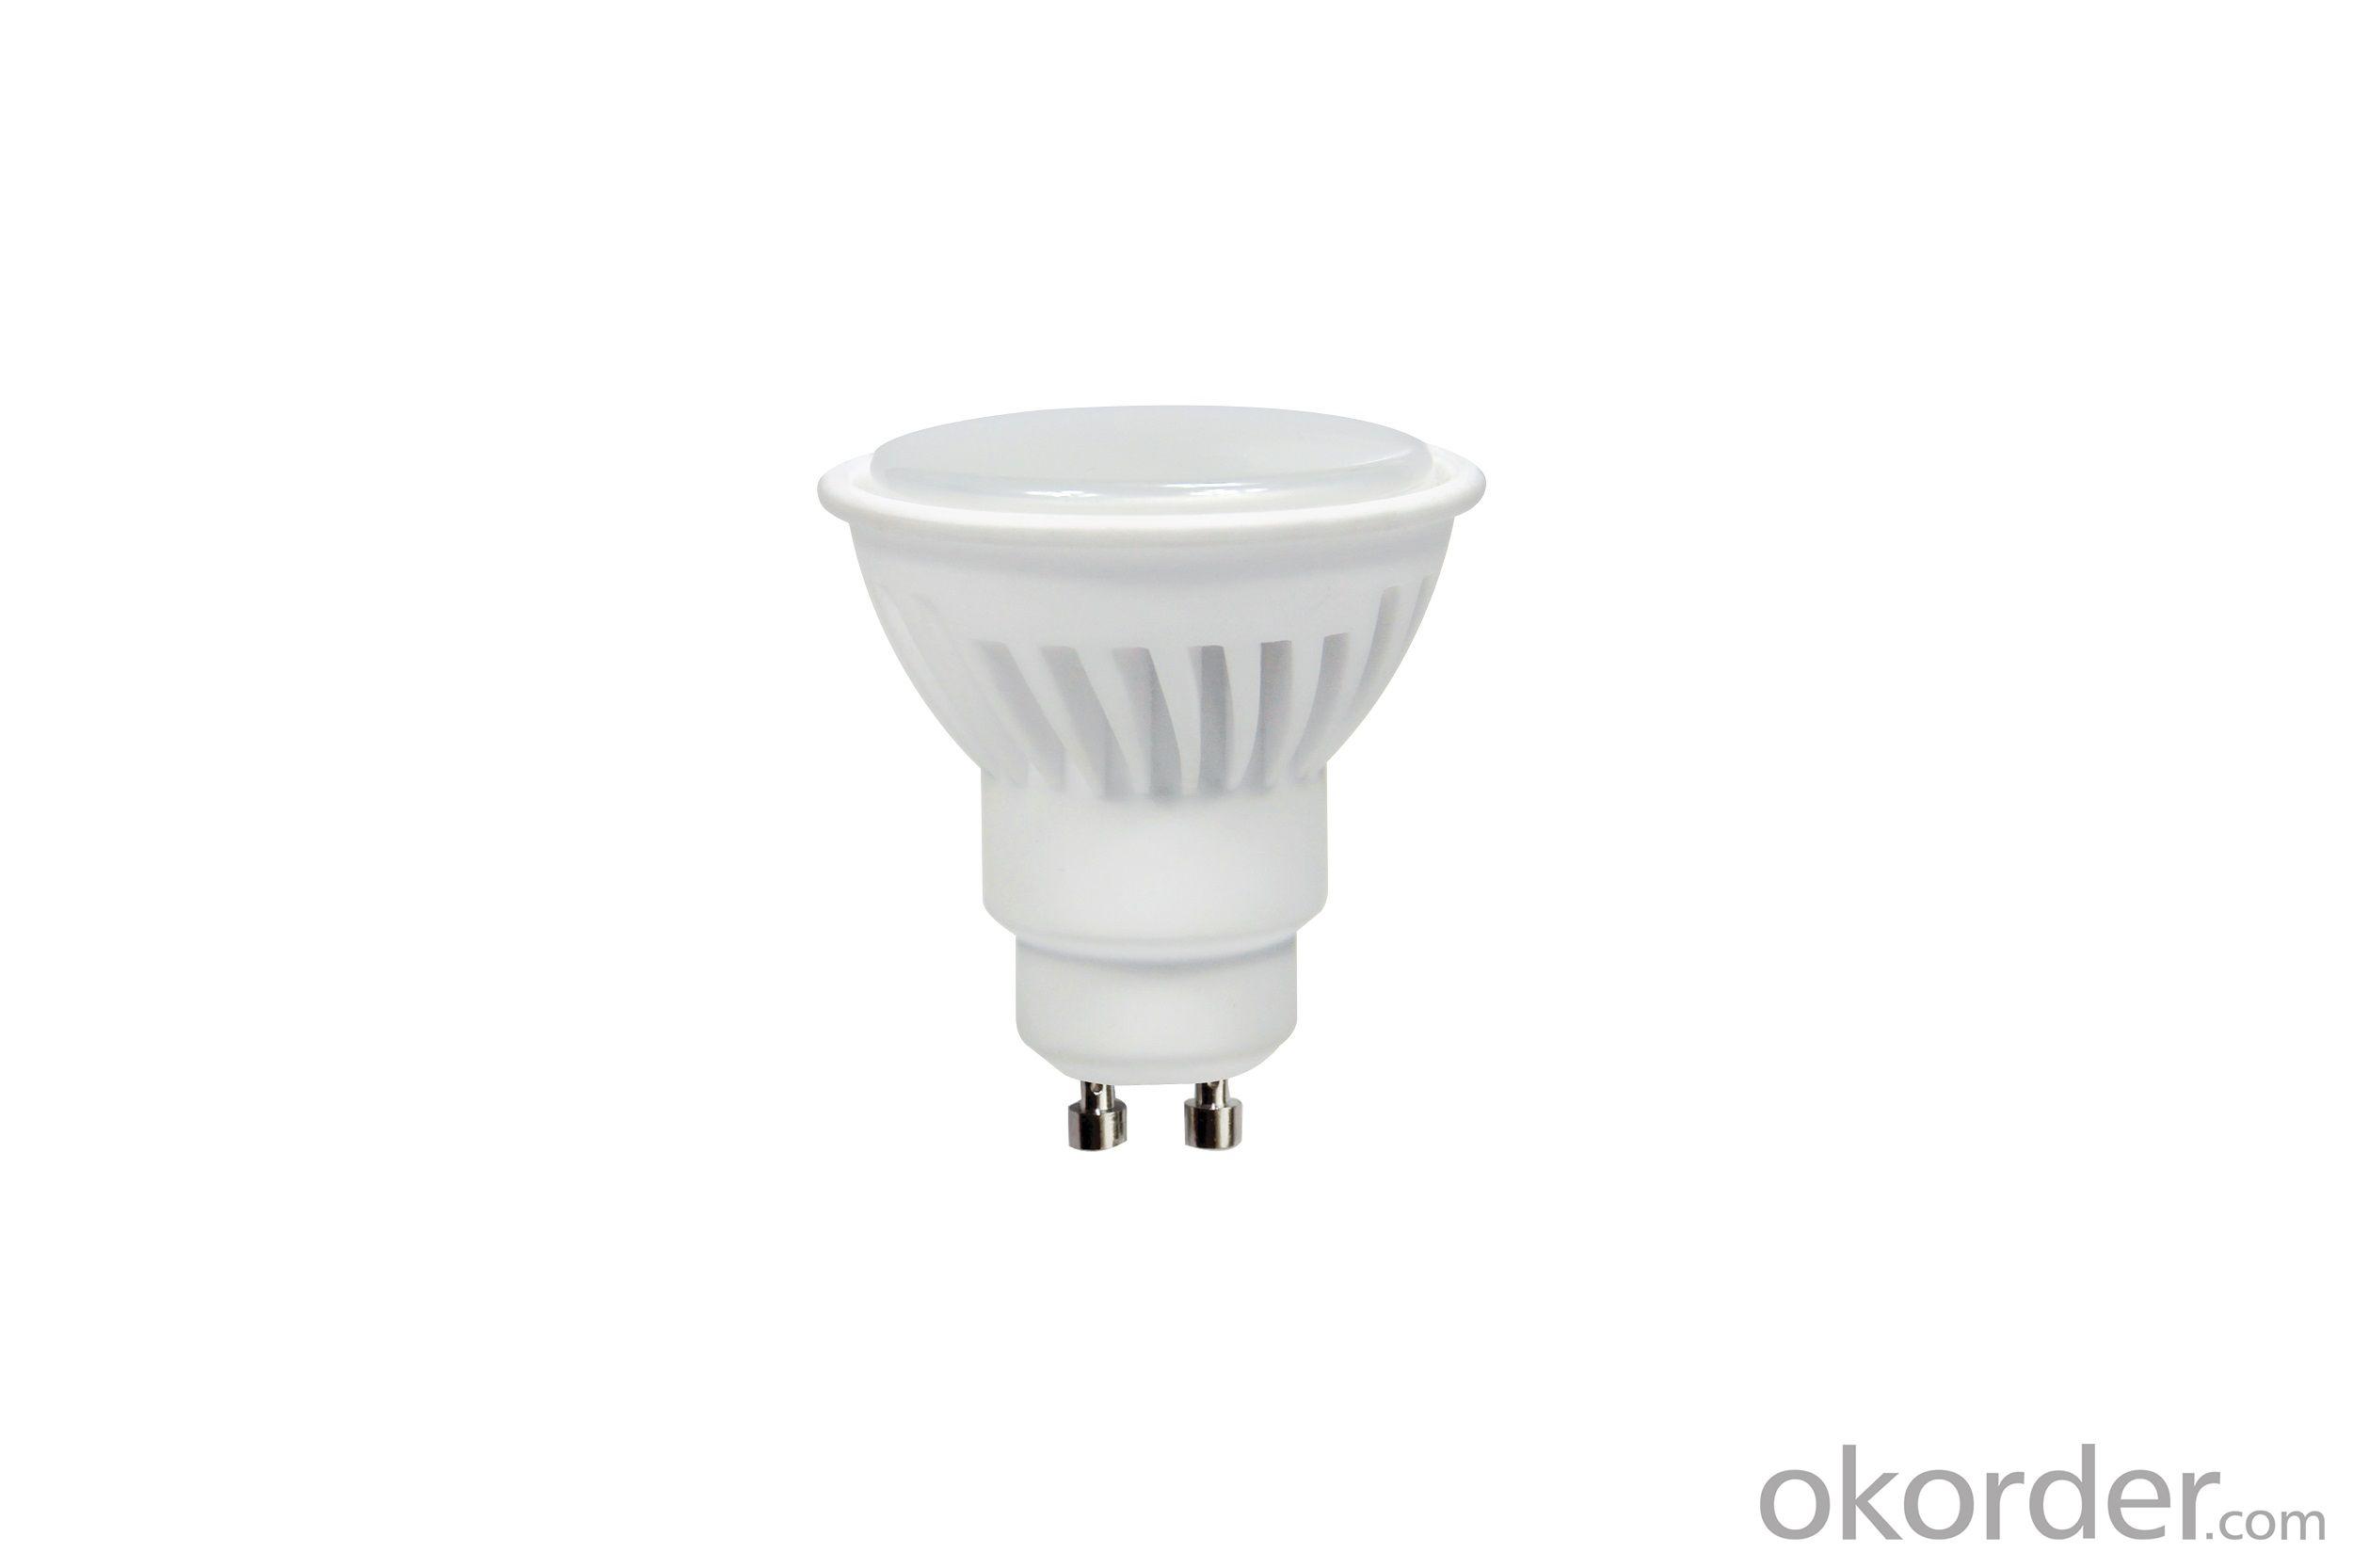 LED   Spotlight    MR16-DC011-2835T5W-12V